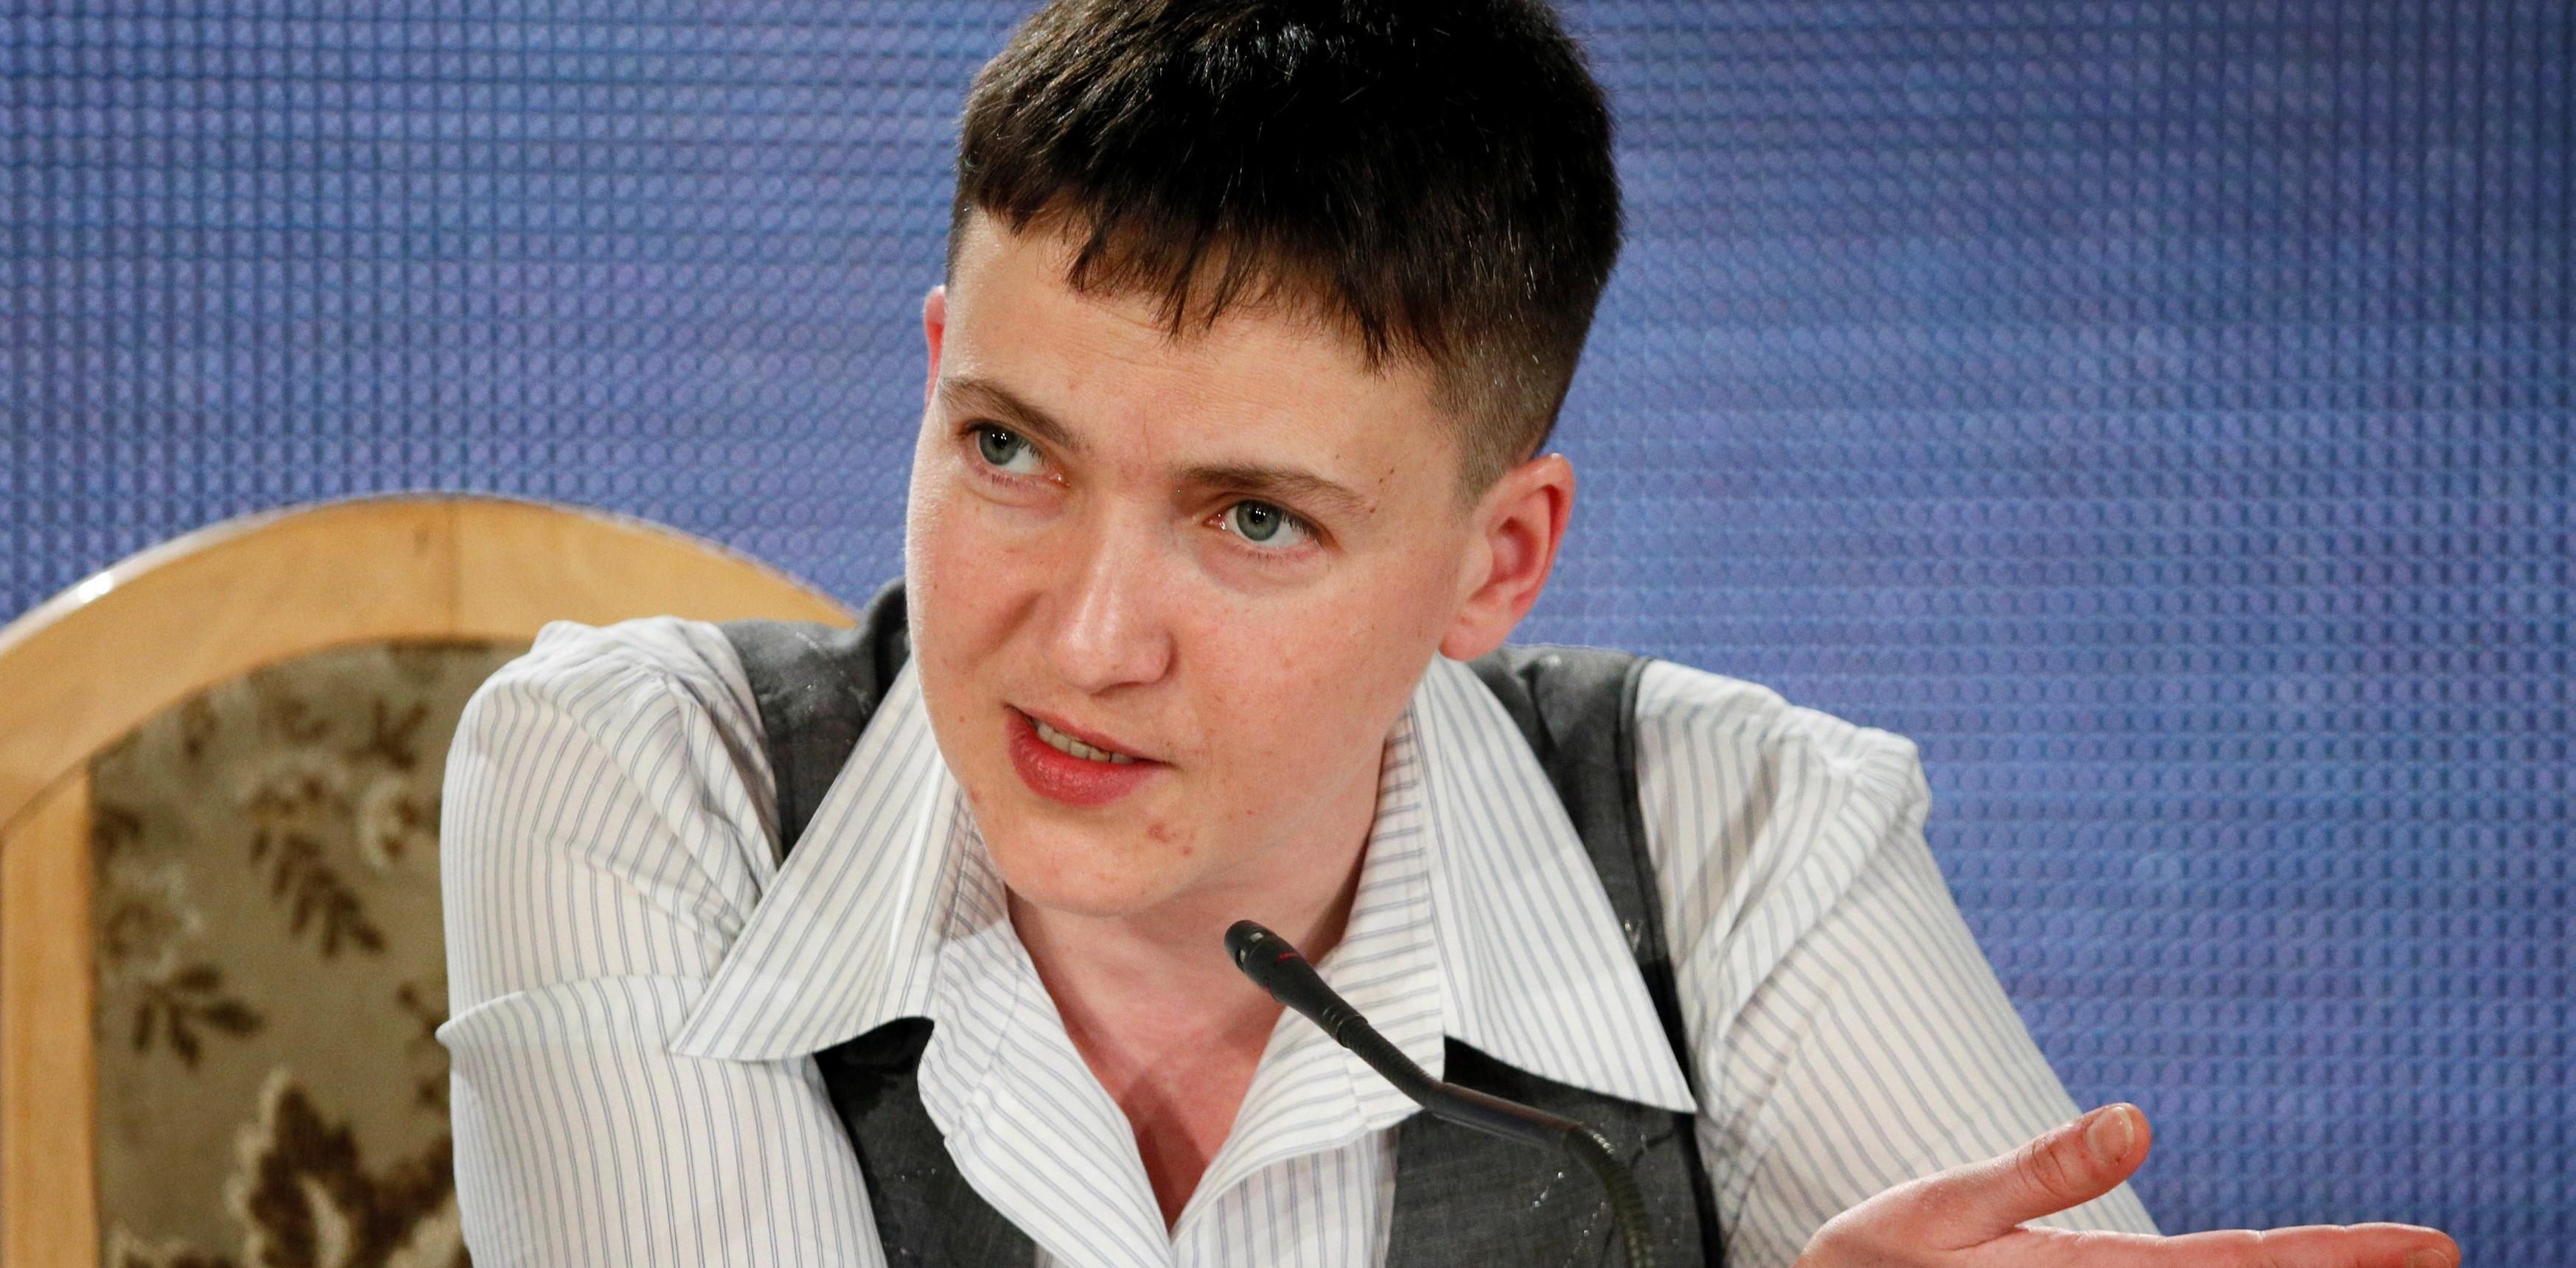 «Не предупредила»: СБУ взялась за Савченко из-за встречи с главарями «ДНР» и «ЛНР»